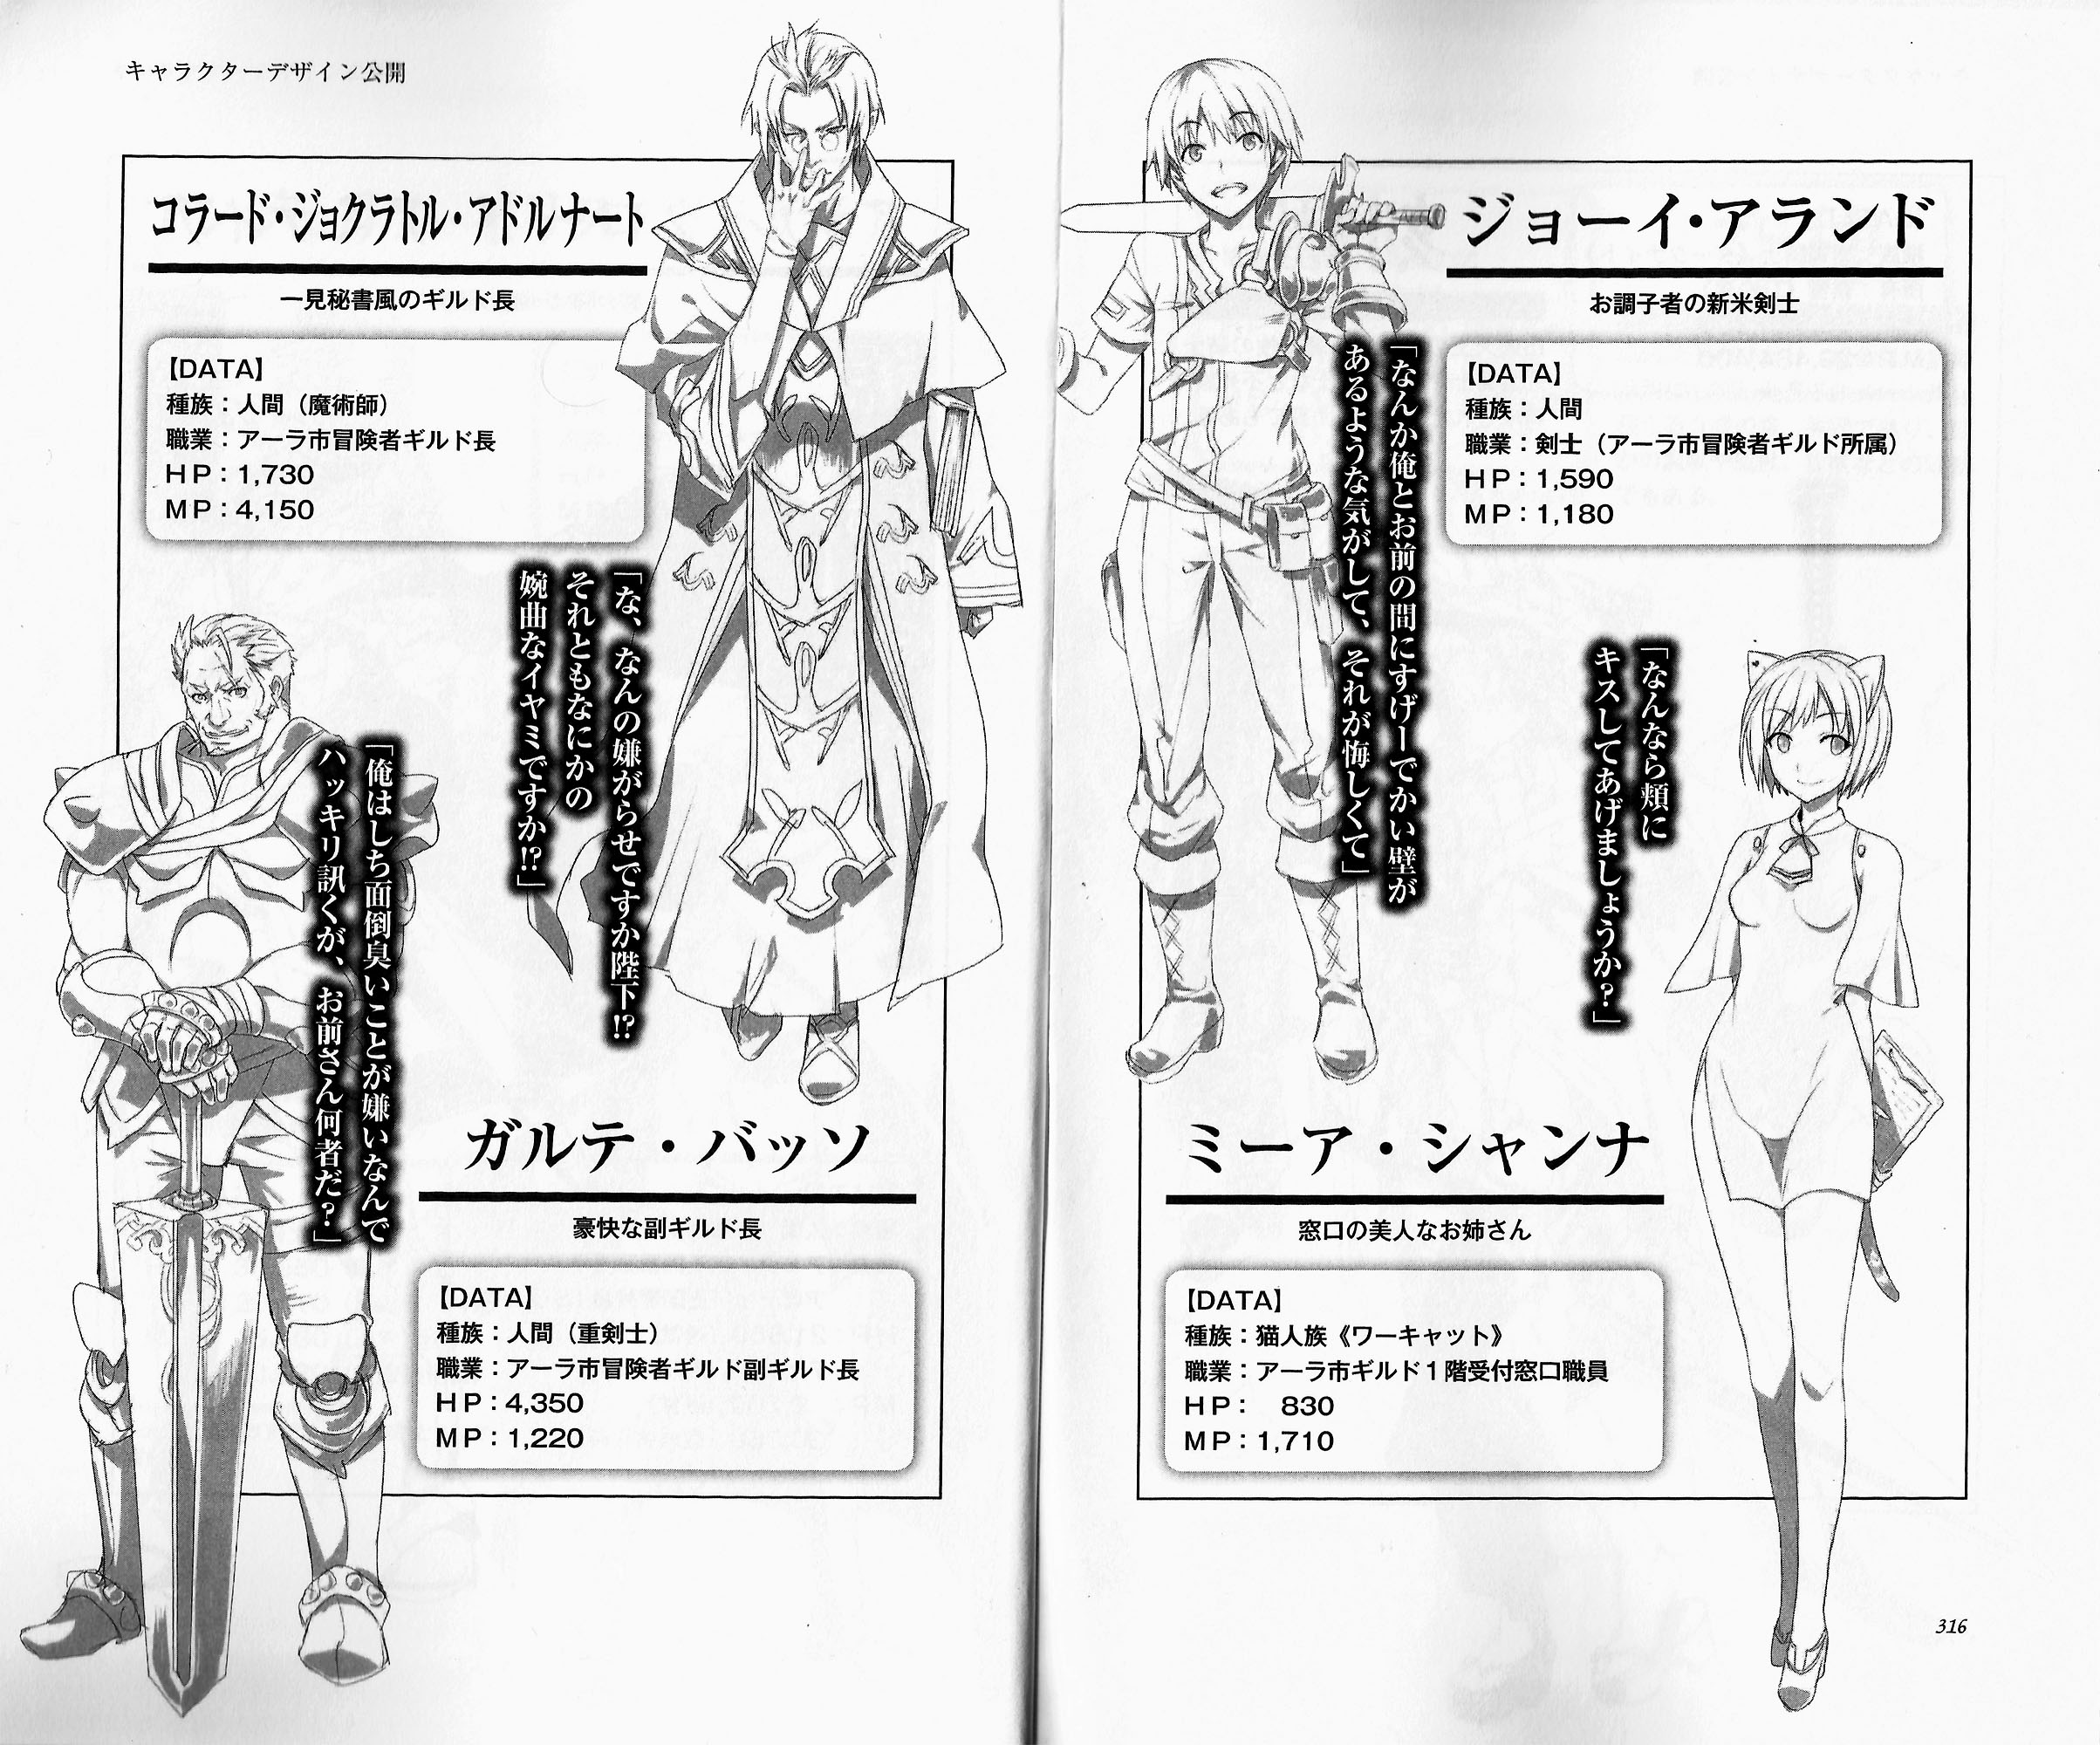 Kyuuketsu Hime - Vol 1 Chapter 1-11